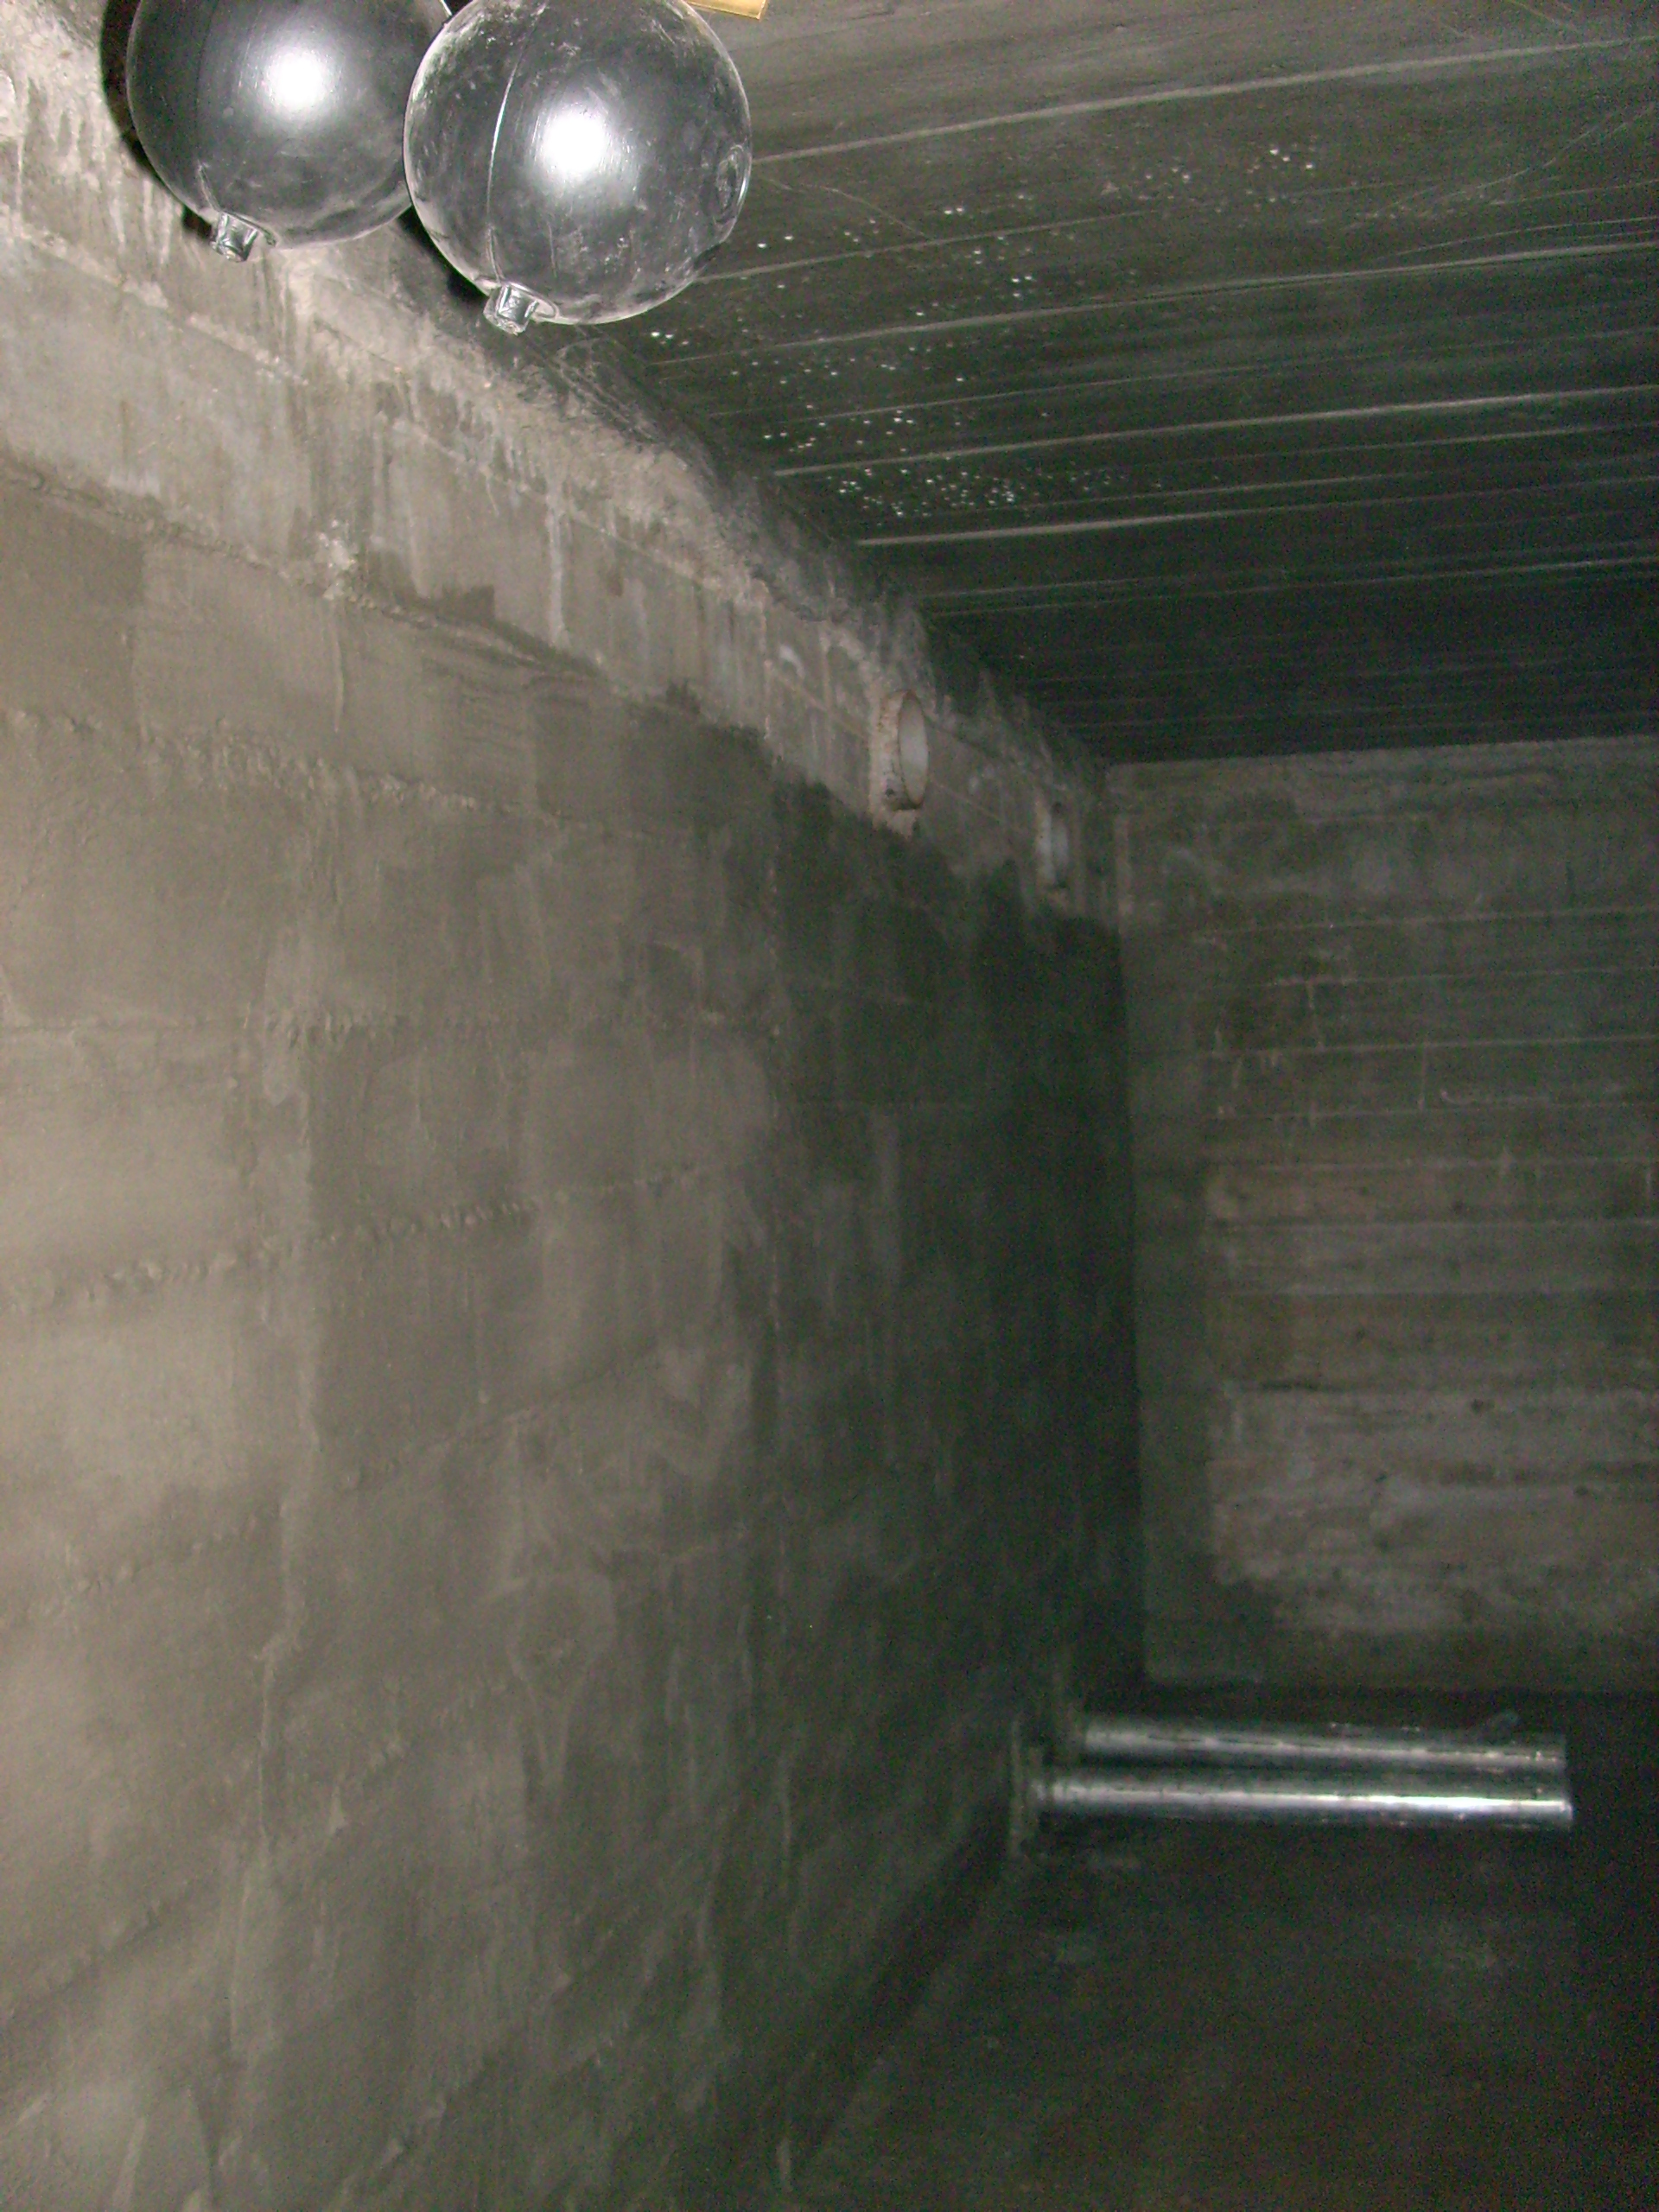 Aplicarea tratamentelor de impermeabilizare - BALCOVI - Bazin apa - Nissan - Tunari UNICO PROFIT - Poza 7